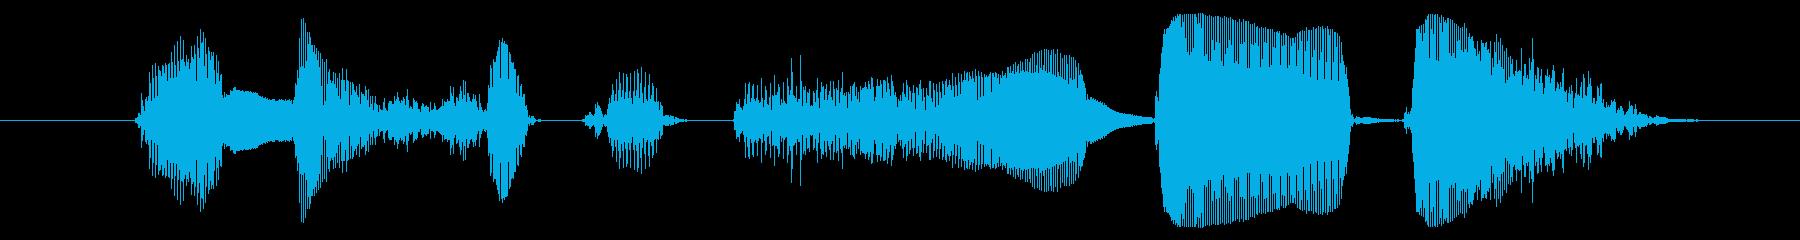 今すぐダウンロード!【①元気/アニメ声】の再生済みの波形